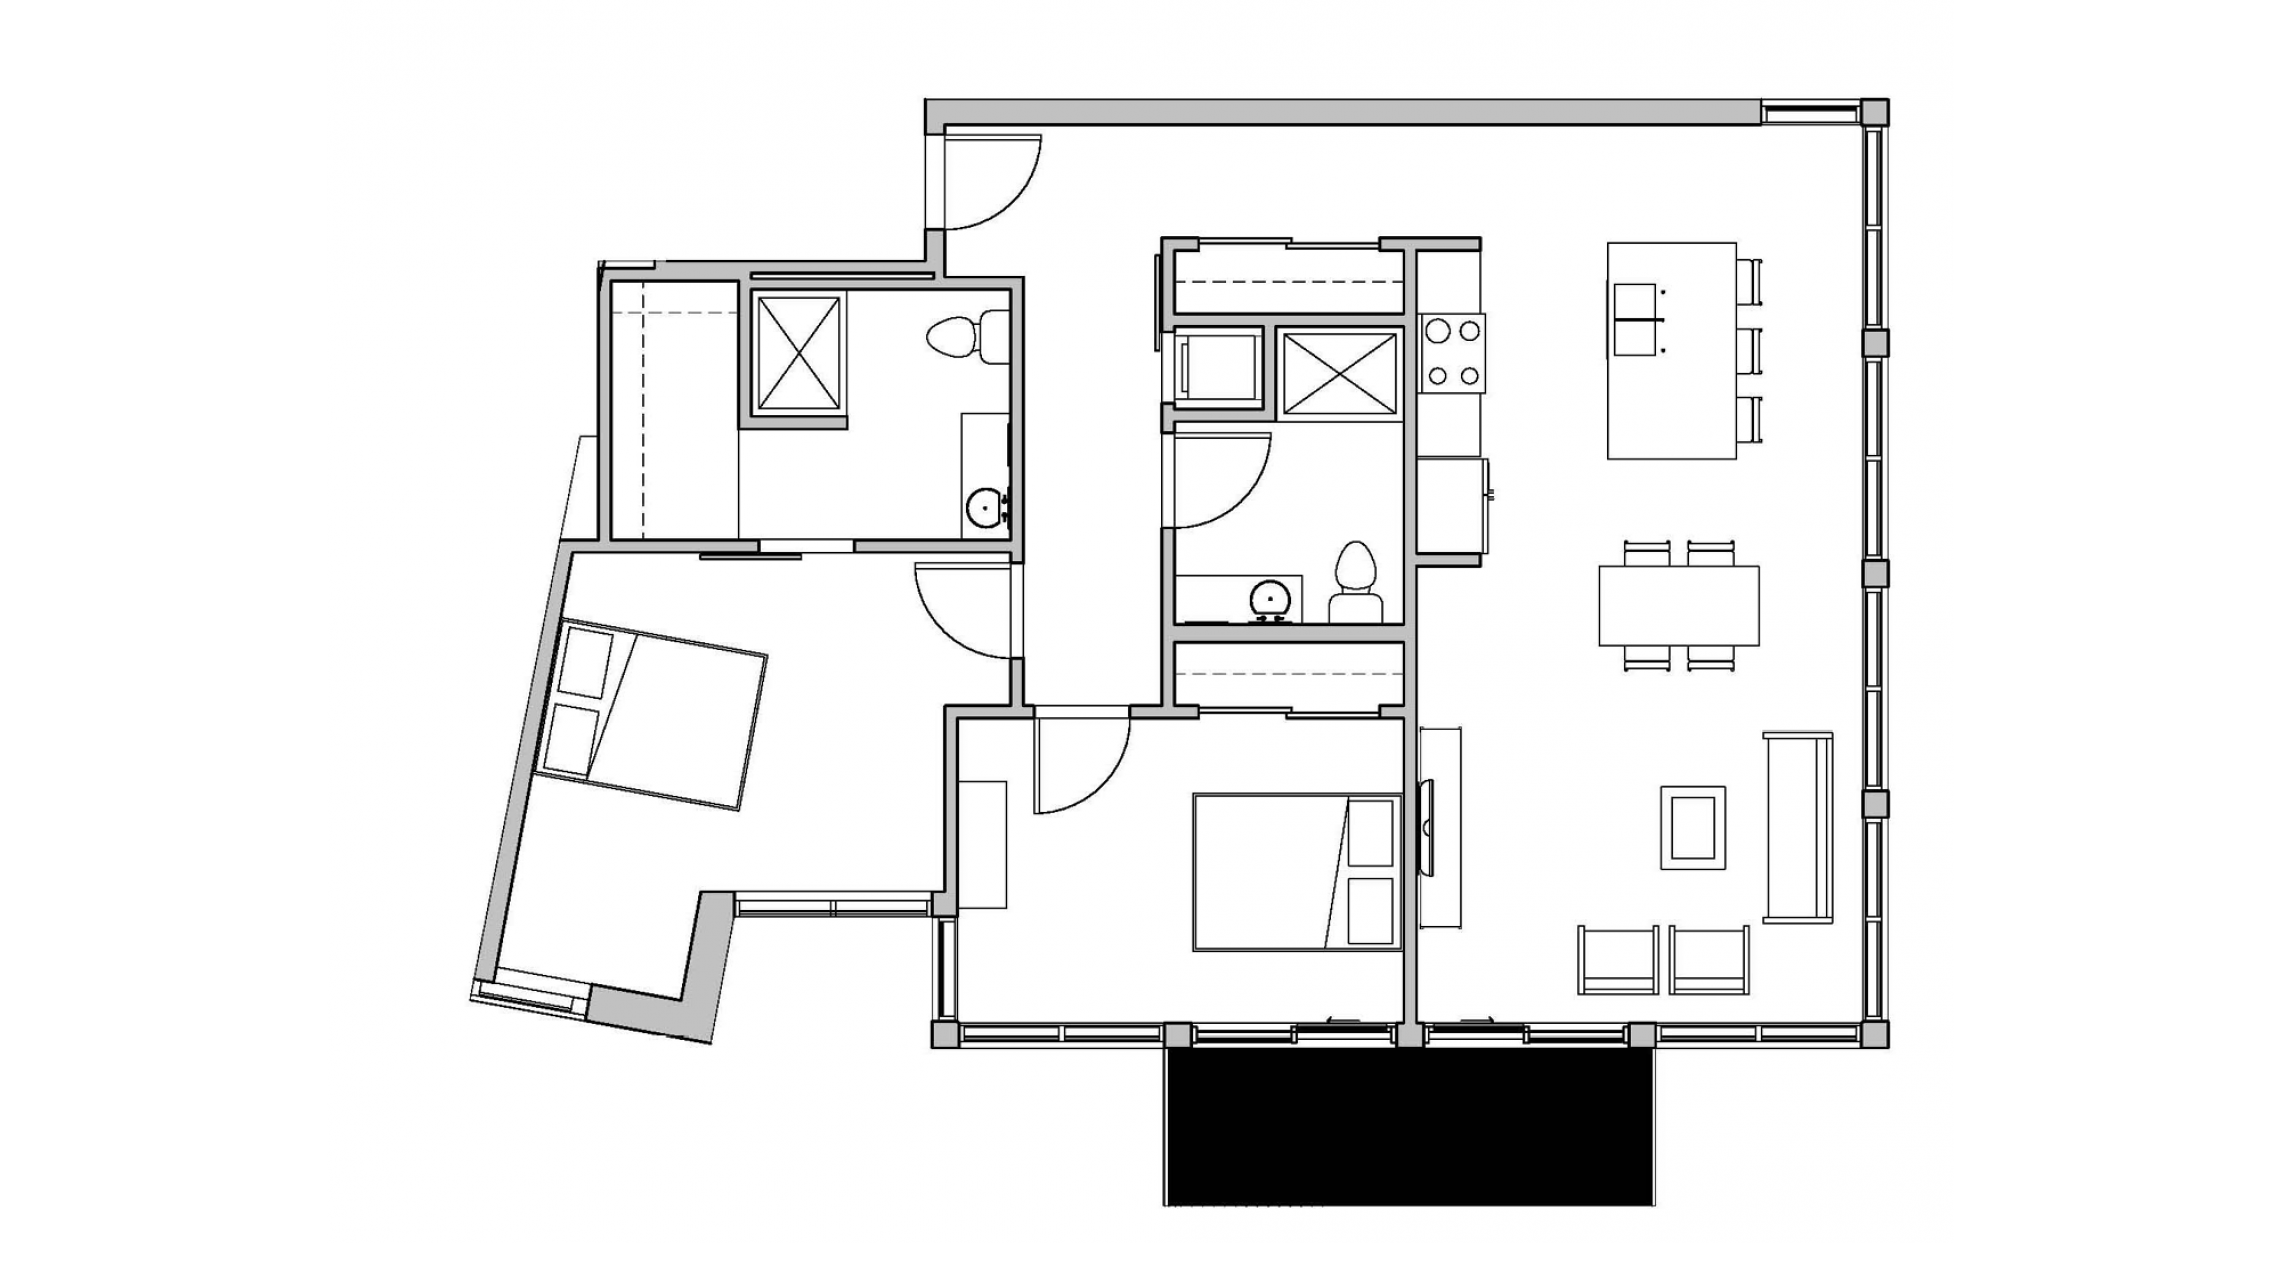 ULI Seven27 224 - Two Bedroom, Two Bathroom